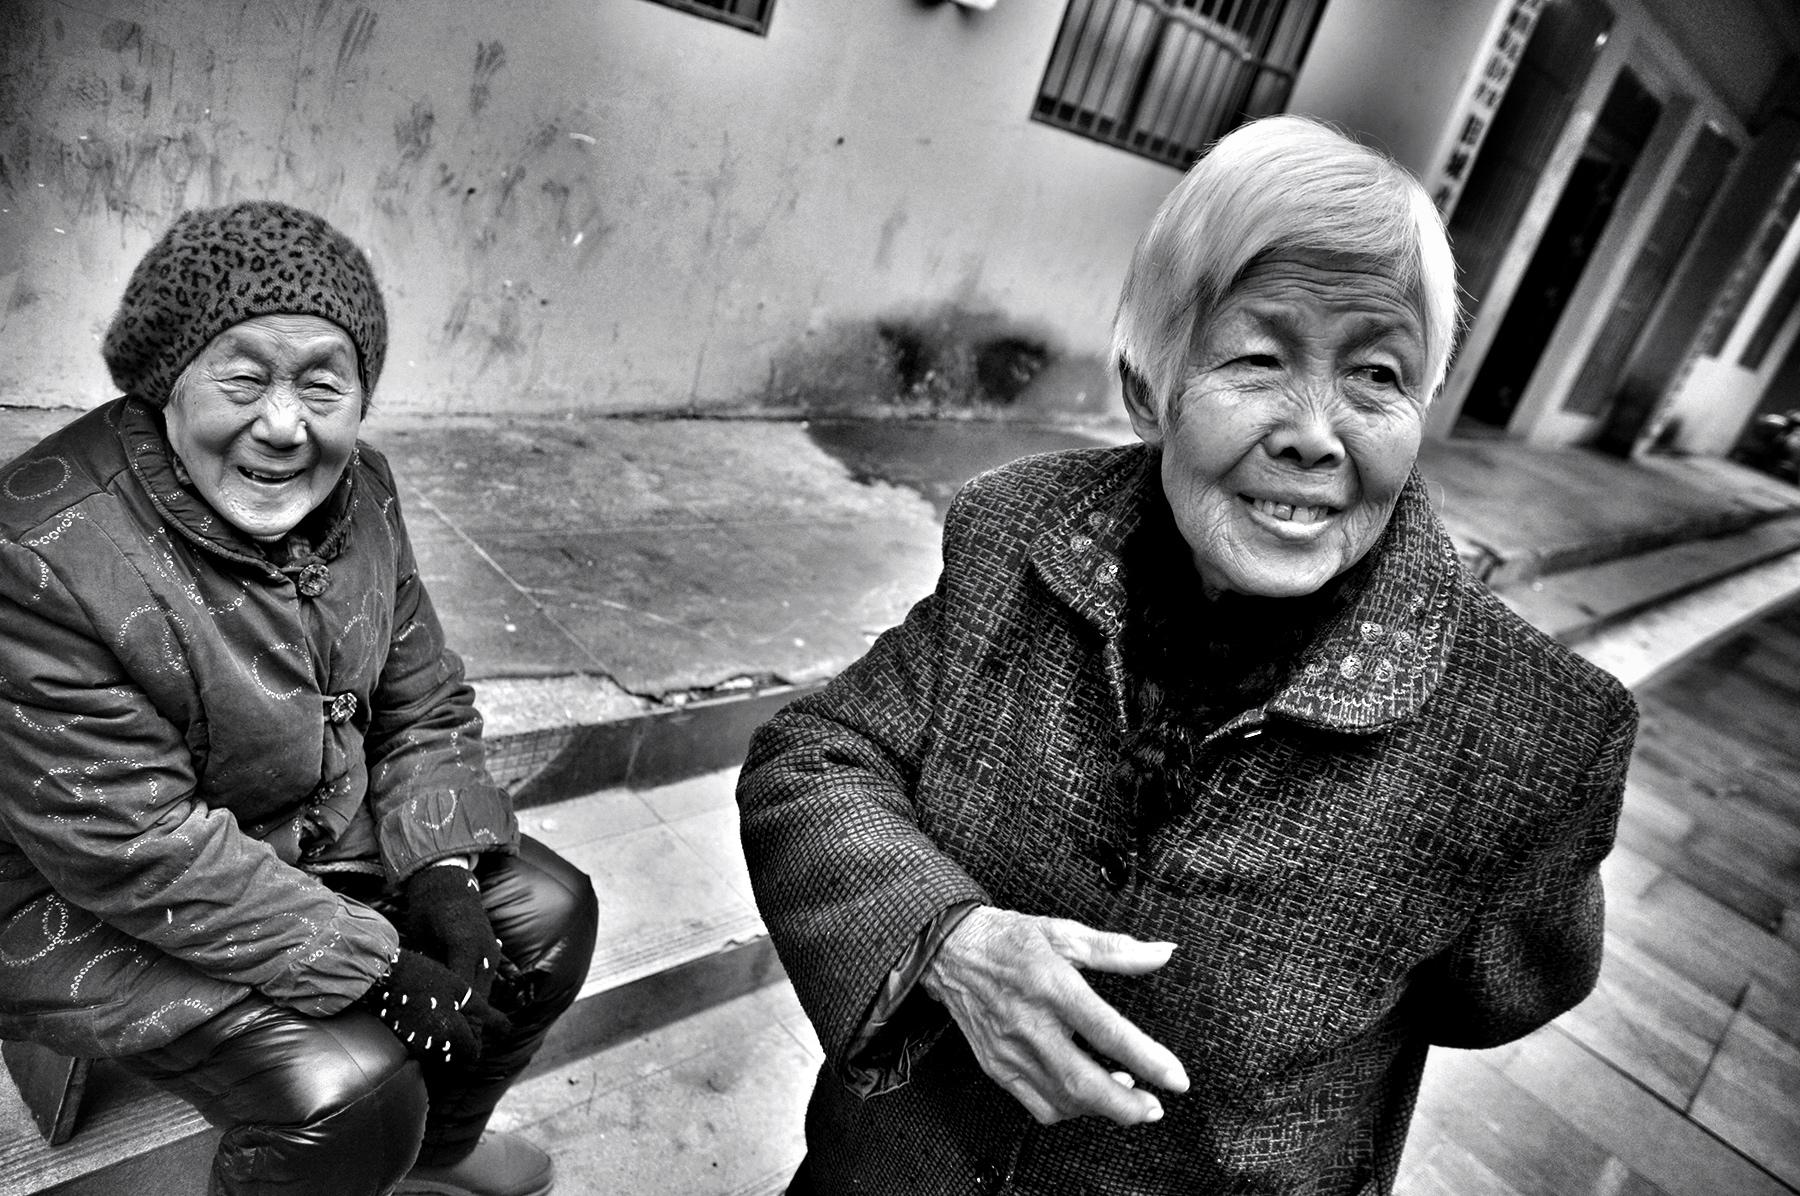 friends outside guiyuan temple, wuhan